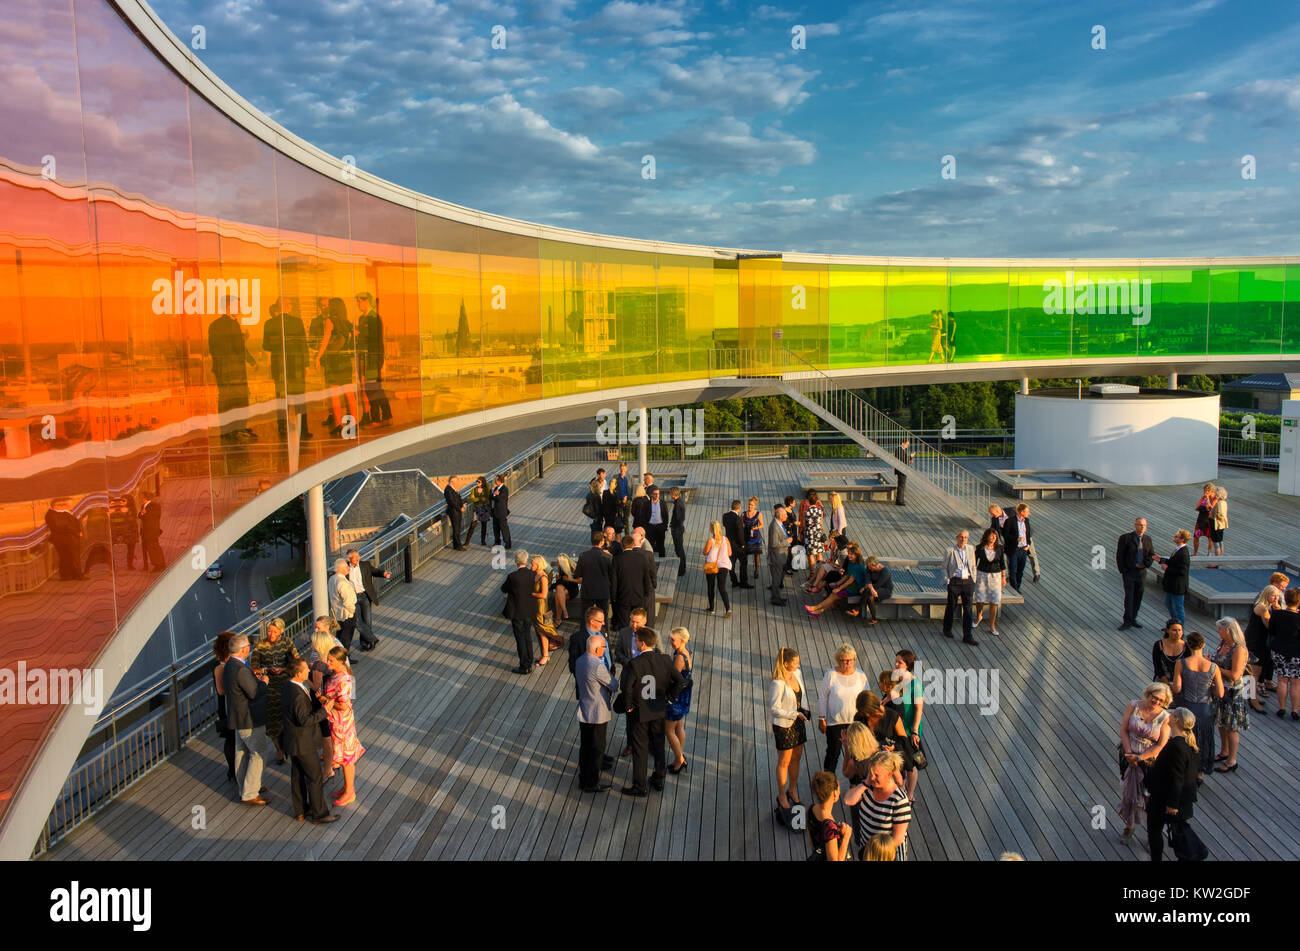 Los participantes de la Conferencia se mezclan bajo el panorama de arco iris en el techo del Museo de Arte de aros. El museo es el segundo más visitado en Dinamarca. Foto de stock